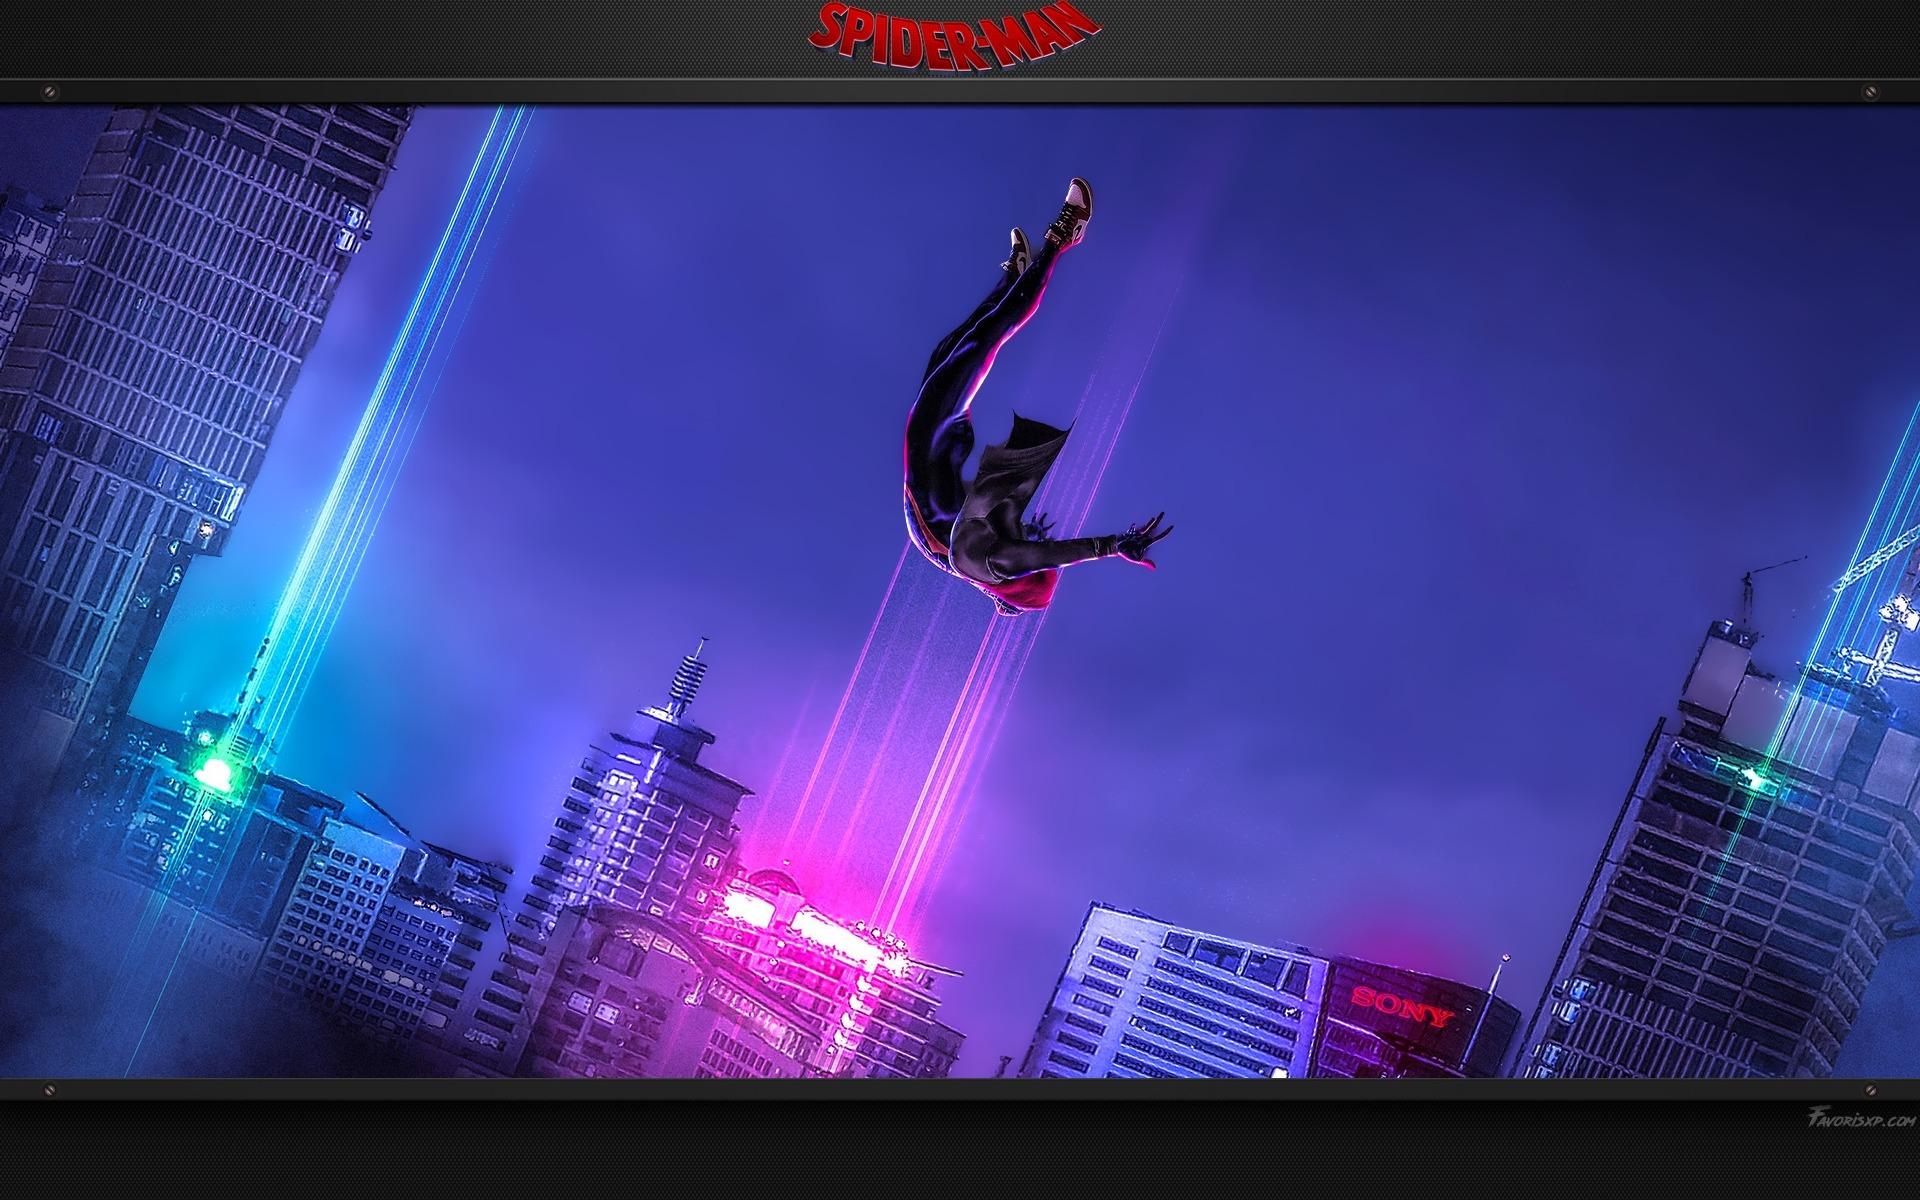 spiderman new generation fonds d'écran  image arrière